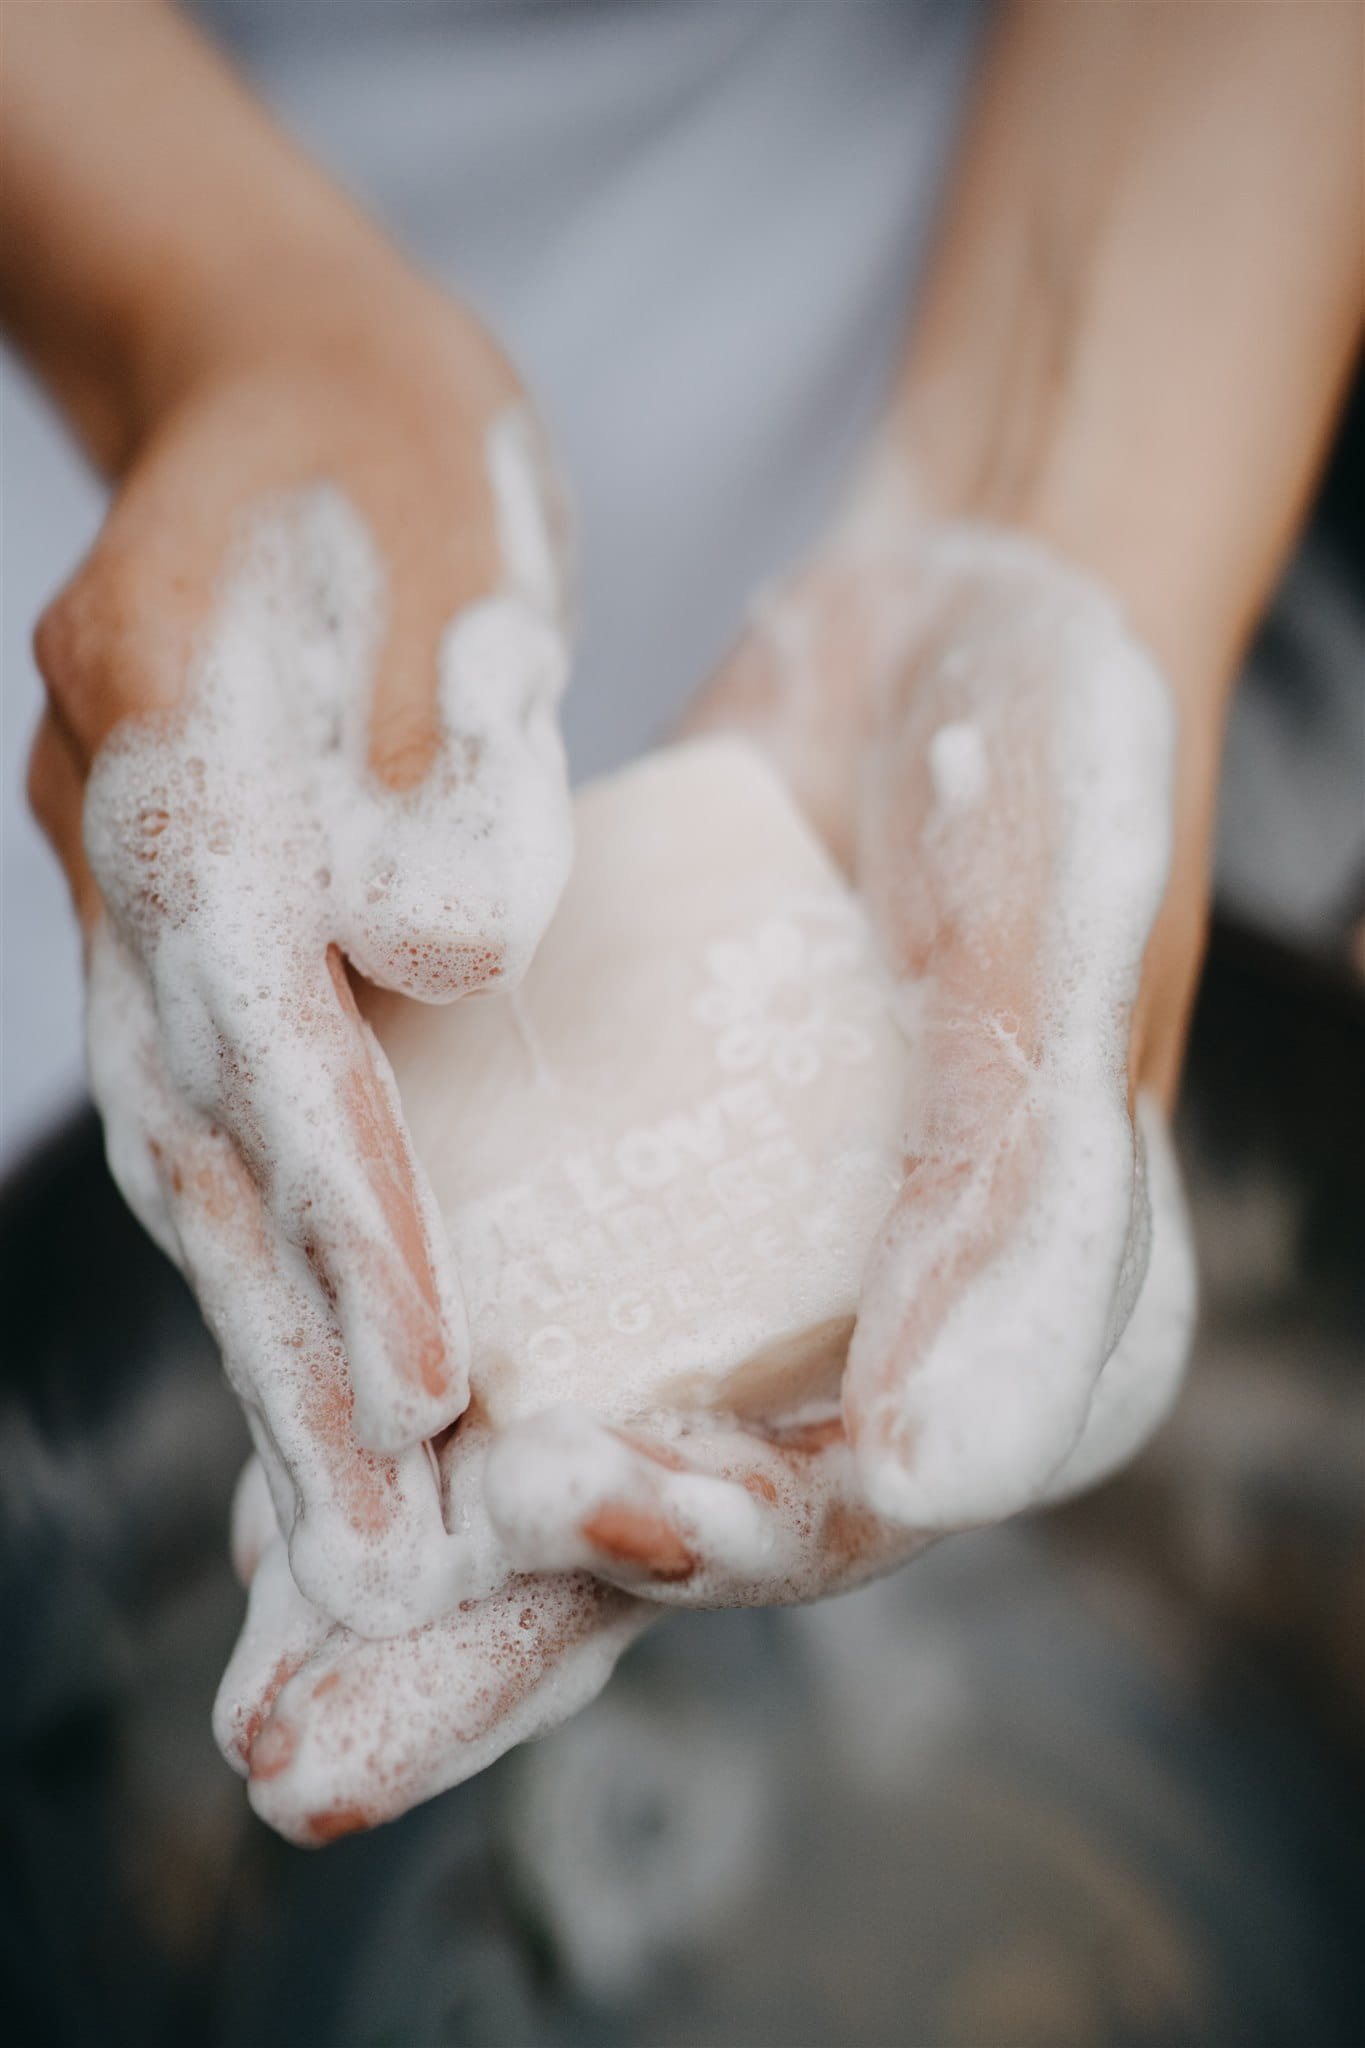 Ryżoto Ryżoto to kostka typowo pielęgnacyjna, działająca silnie nawilżająco i odżywczo. Zalecana jest do każdego typu skóry. Olej babassu, który jest bazą tego mydła jest silnie nawilżający, odżywczy i napinający skórę. Jego działanie wzmocniliśmy olejem ryżowym połączonym z masłem shea i oliwą z oliwek. Tyle dobra w jednej kostce może przyprawić o zawrót głowy! Olej ryżowy działa silnie odżywczo, regenerująco i hamuje procesy starzenia się skóry. Proteiny ryżu łagodzą podrażnienia. Masło shea jest bogatym źródłem witamin A i E, które chronią skórę przed wolnymi rodnikami. No i oliwa z oliwek, która natłuszcza, zmiękcza i odżywia naskórek. Ma ona wiele witamin i kwasów tłuszczowych, które skóra łapczywie pochłania. Mydełko nadaje się do pielęgnacji całego ciała, dobrze myje i nie pozostawia na skórze uczucia ściągnięcia. Wskazanie do stosowania: pielęgnacja każdego typu skóry. Działanie: nawilża i odżywia. Metoda wytwarzania: na zimno. Baza Mydła tworzone metodą na zimno należą do kate